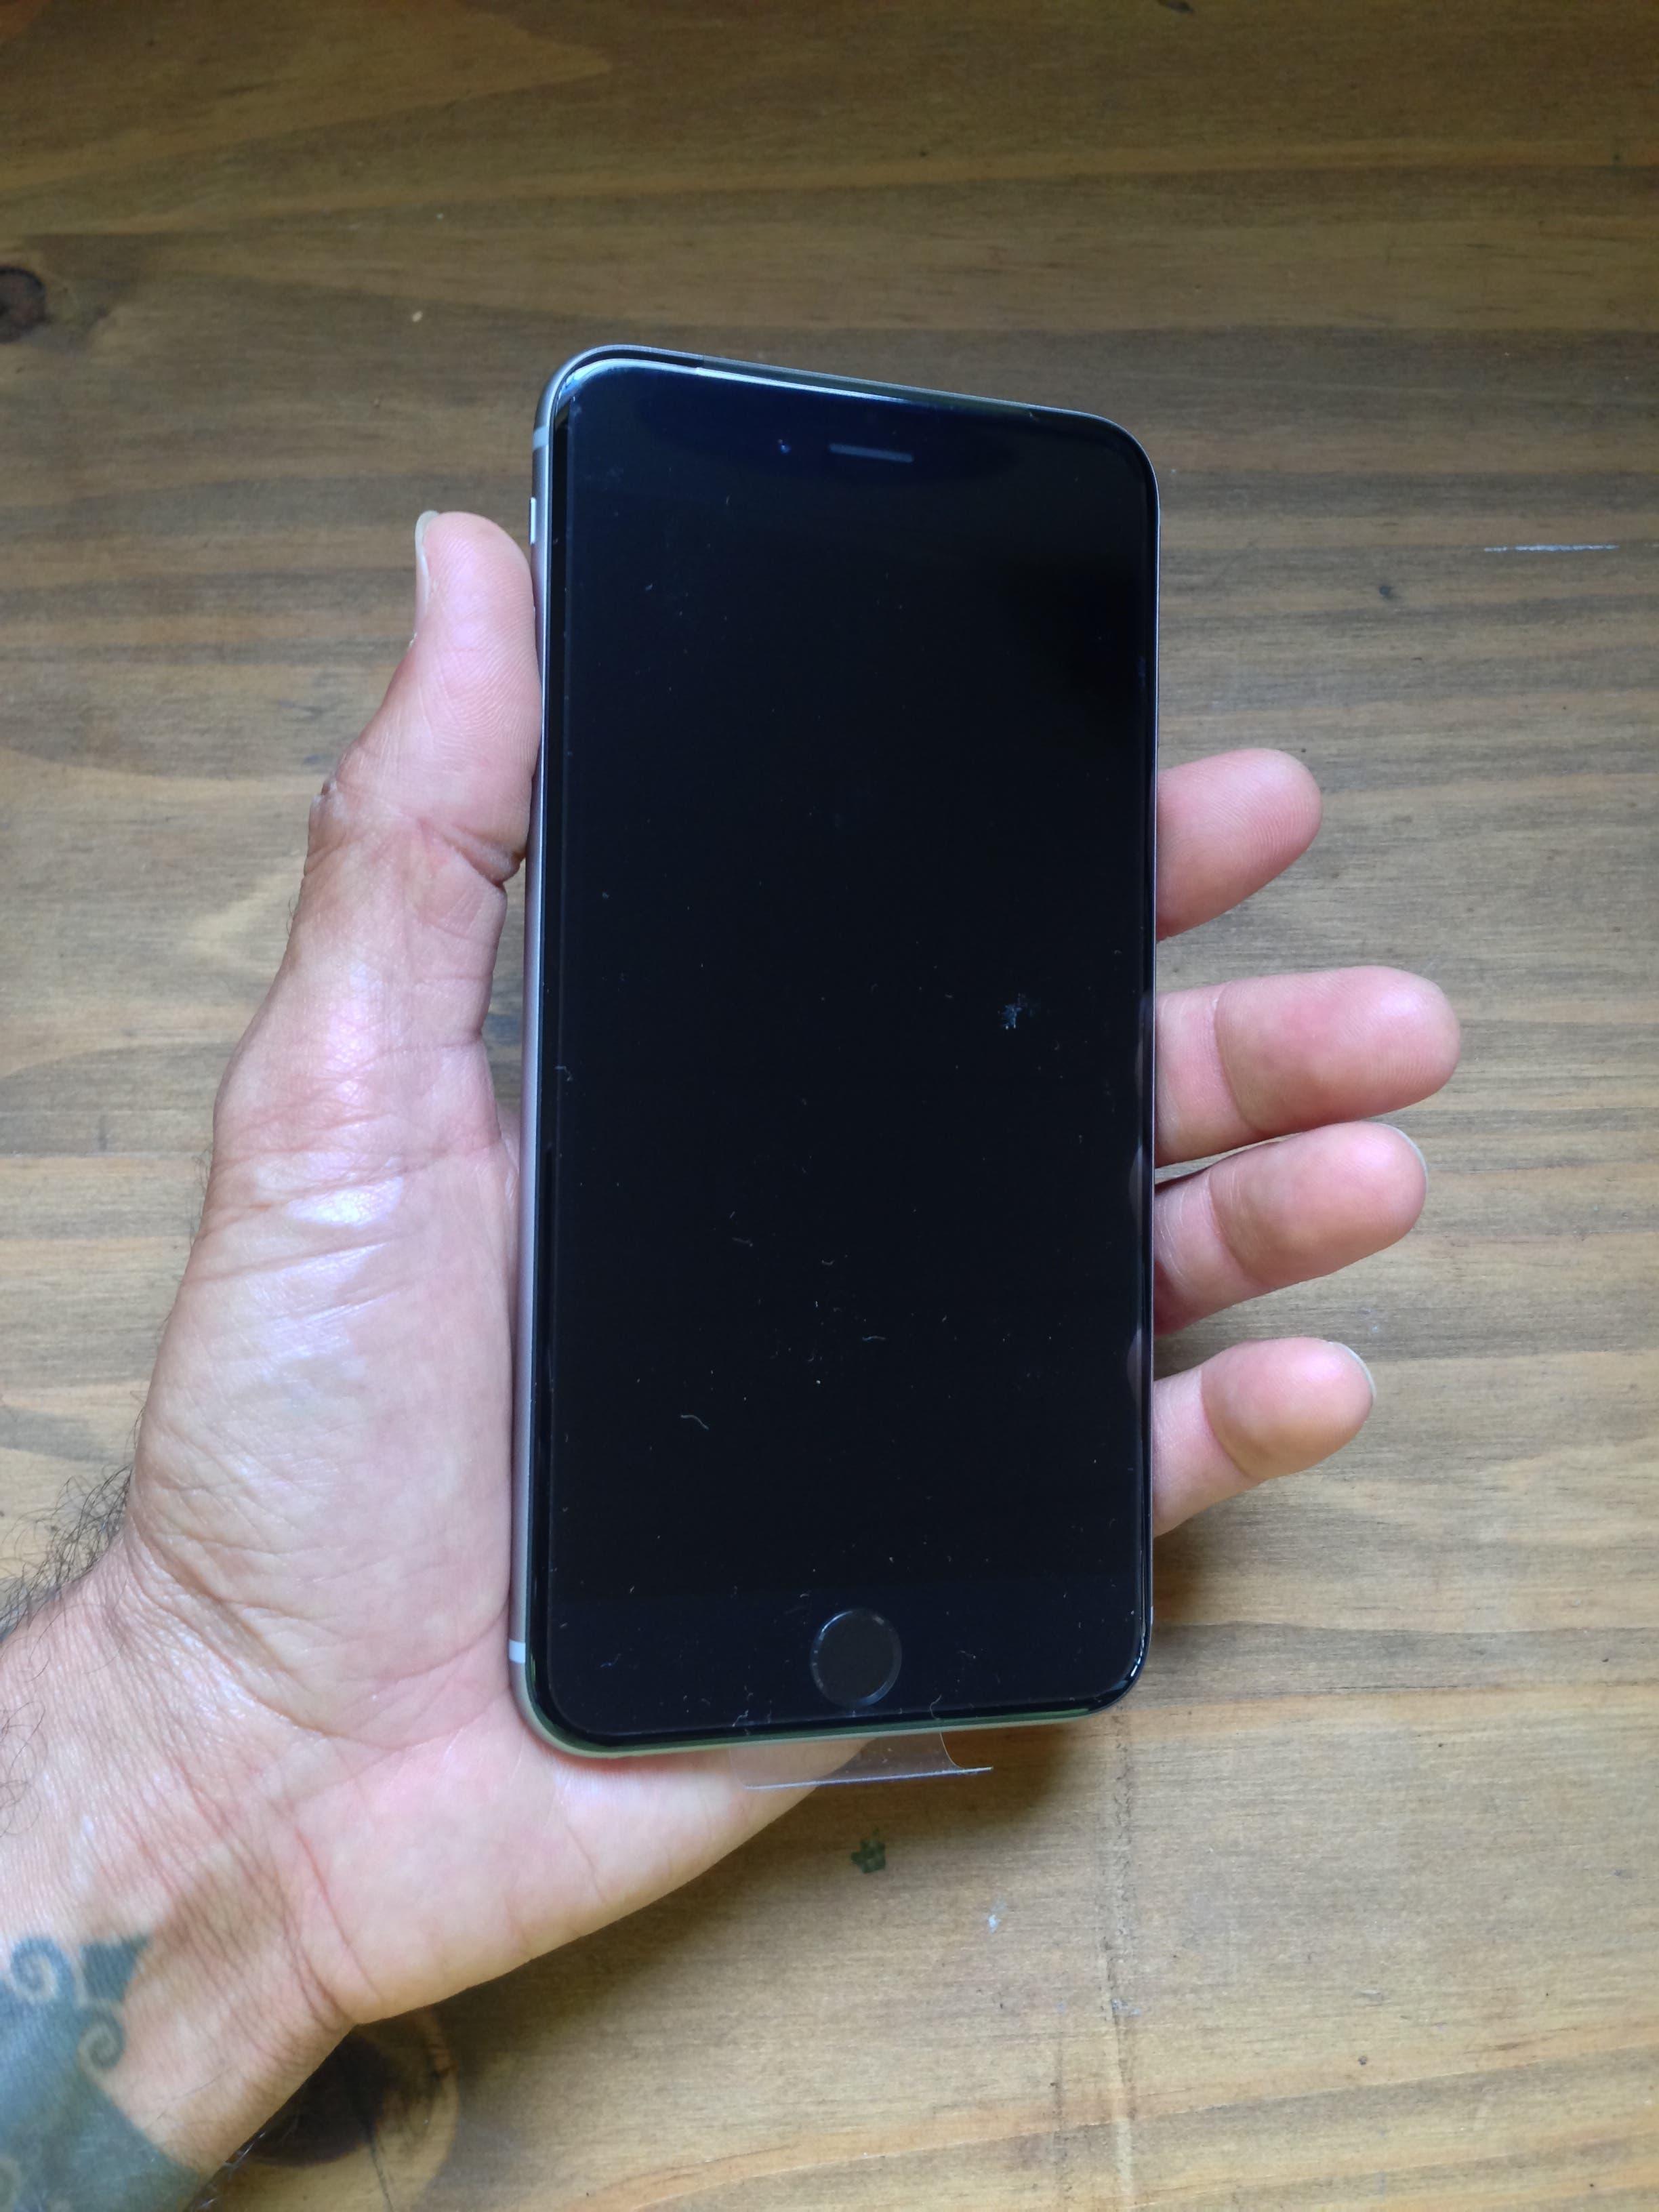 Hola iPhone 6 Plus: Primeras impresiones y unboxing